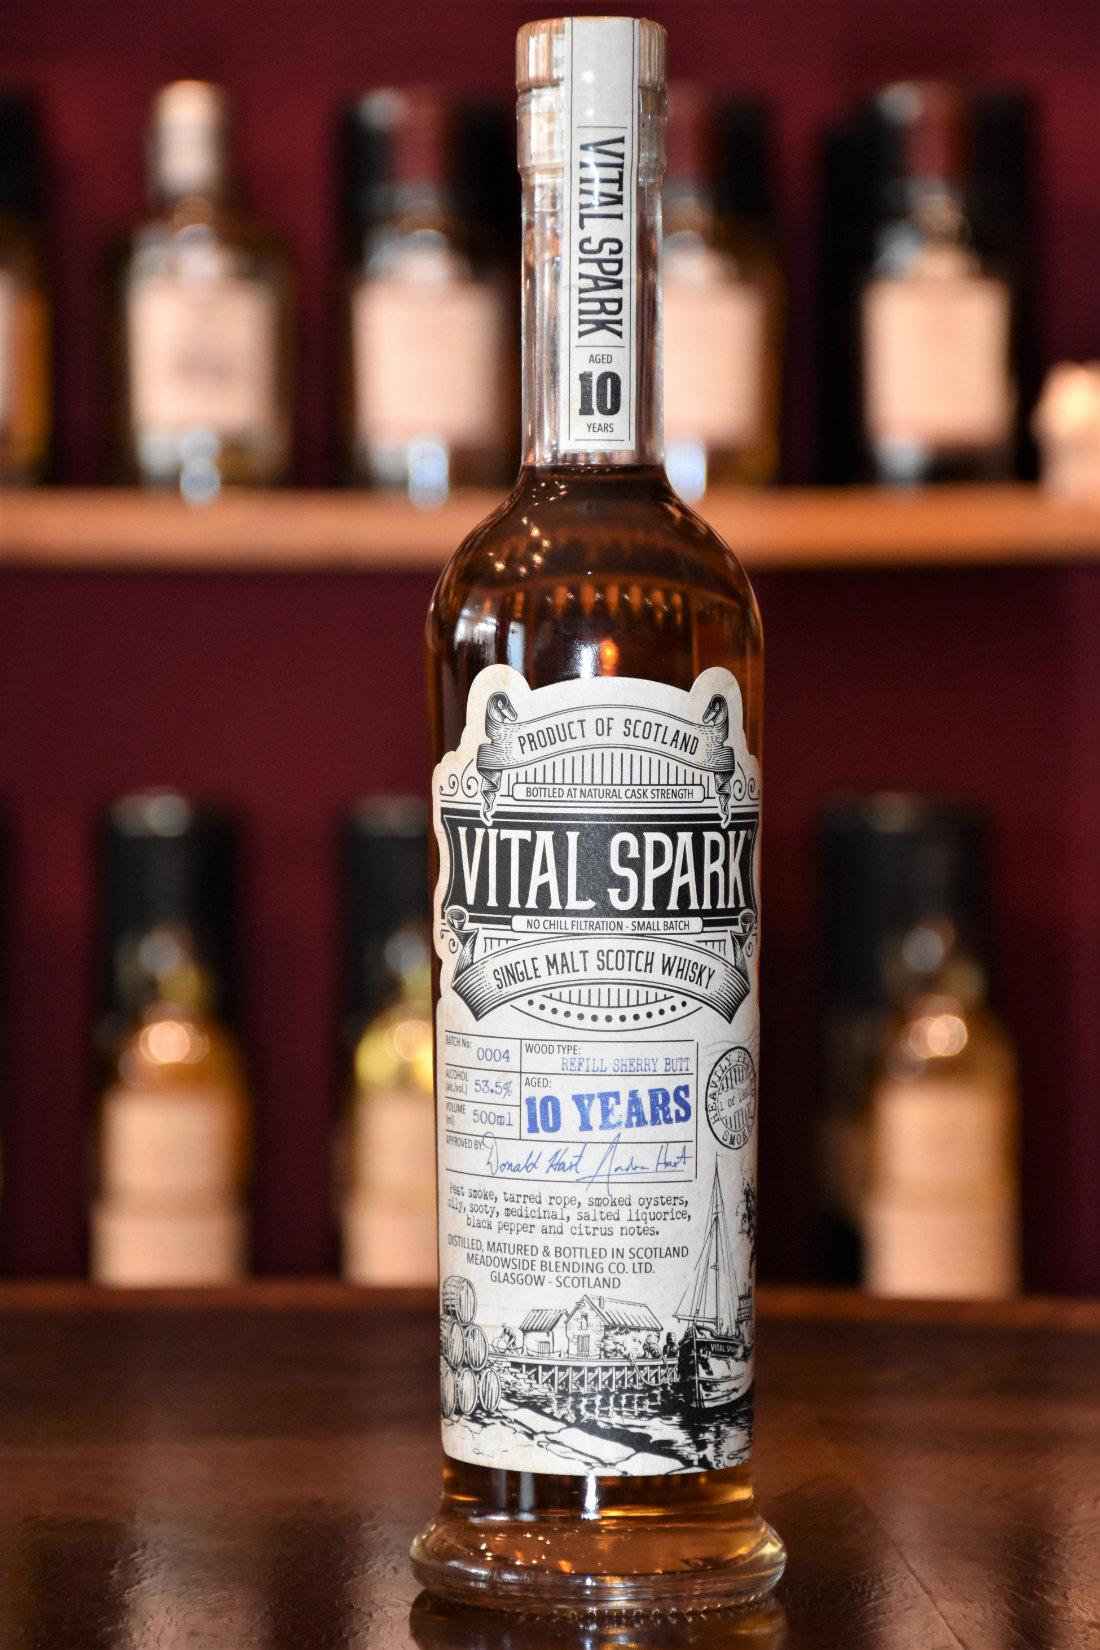 Vital Spark 10 y.o., Batch 0004, 53,5% Alc.Vol., The Maltman